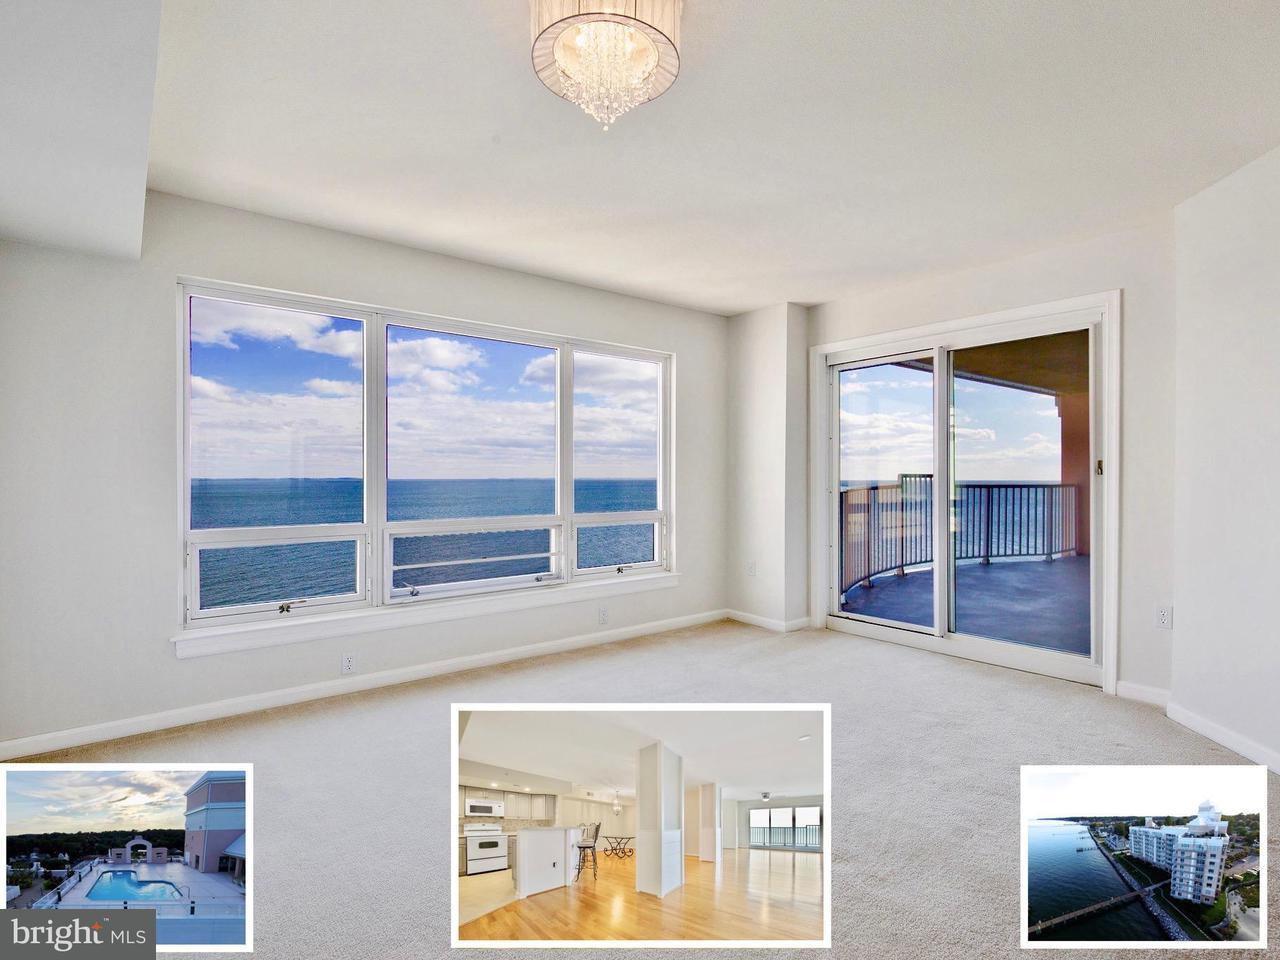 Μονοκατοικία για την Πώληση στο 8501 BAYSIDE RD #PH2 8501 BAYSIDE RD #PH2 Chesapeake Beach, Μεριλαντ 20732 Ηνωμενεσ Πολιτειεσ